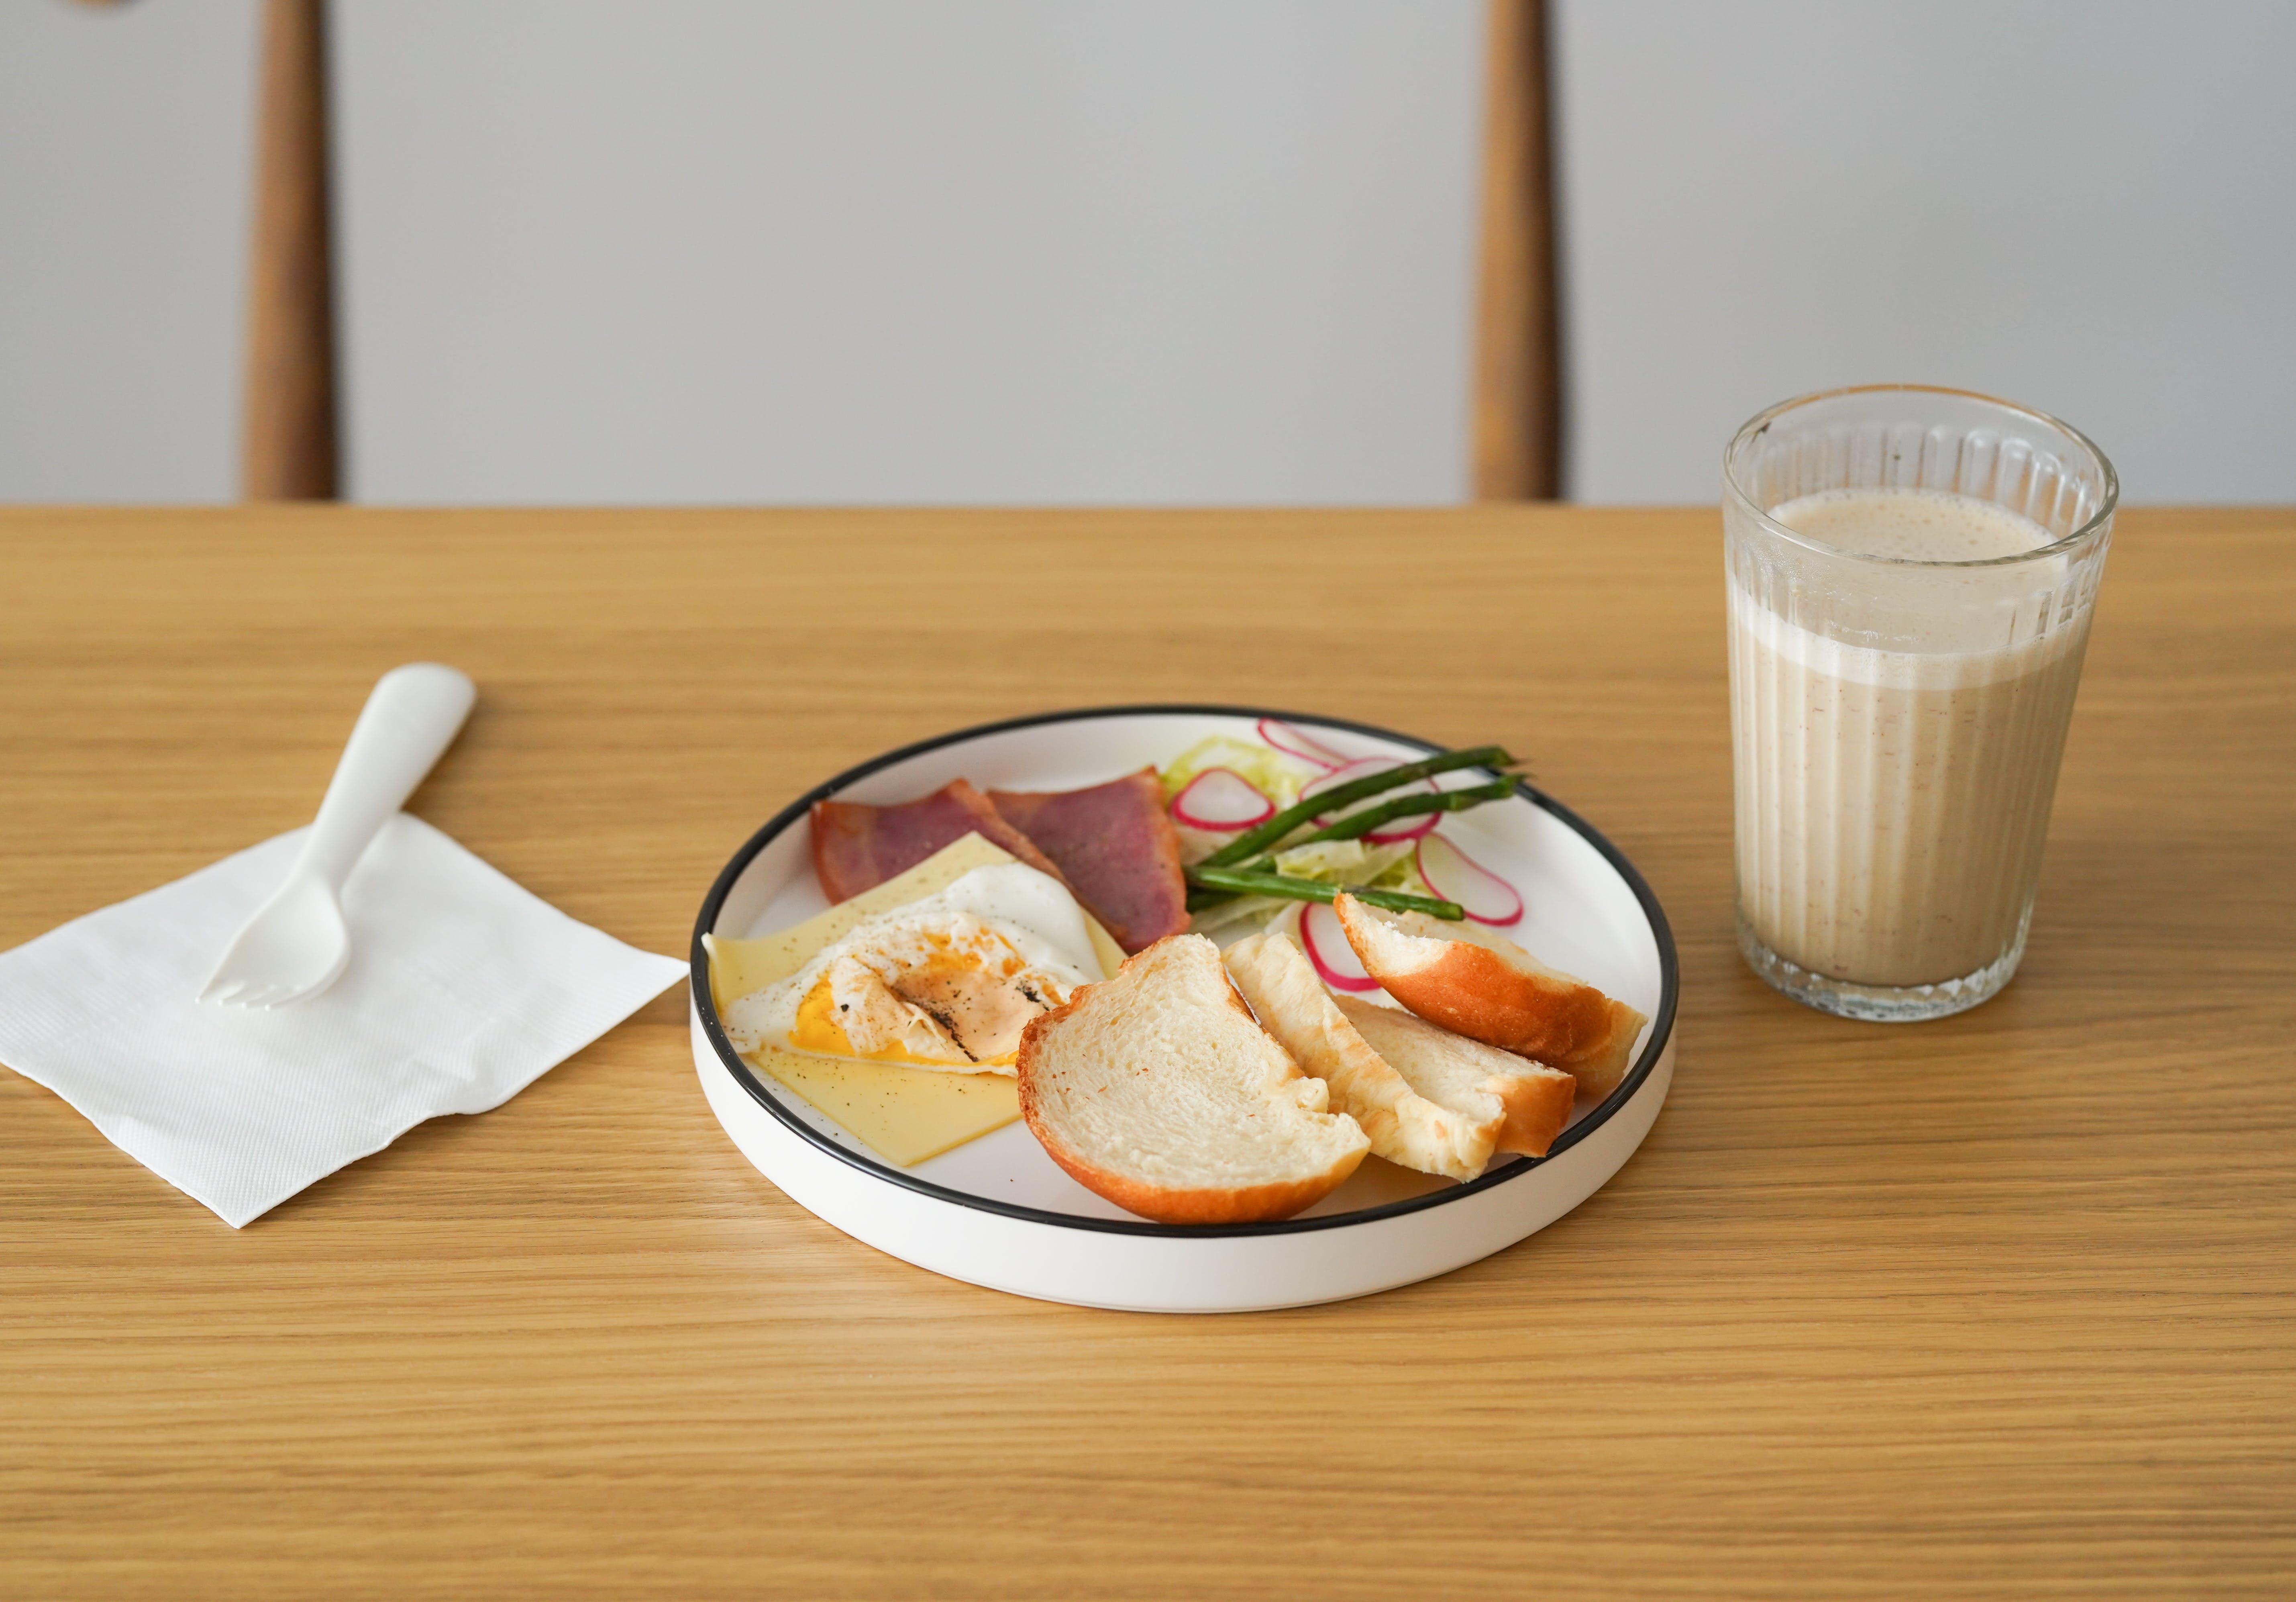 Gratis arkivbilde med brød, delikat, drikke, frokost